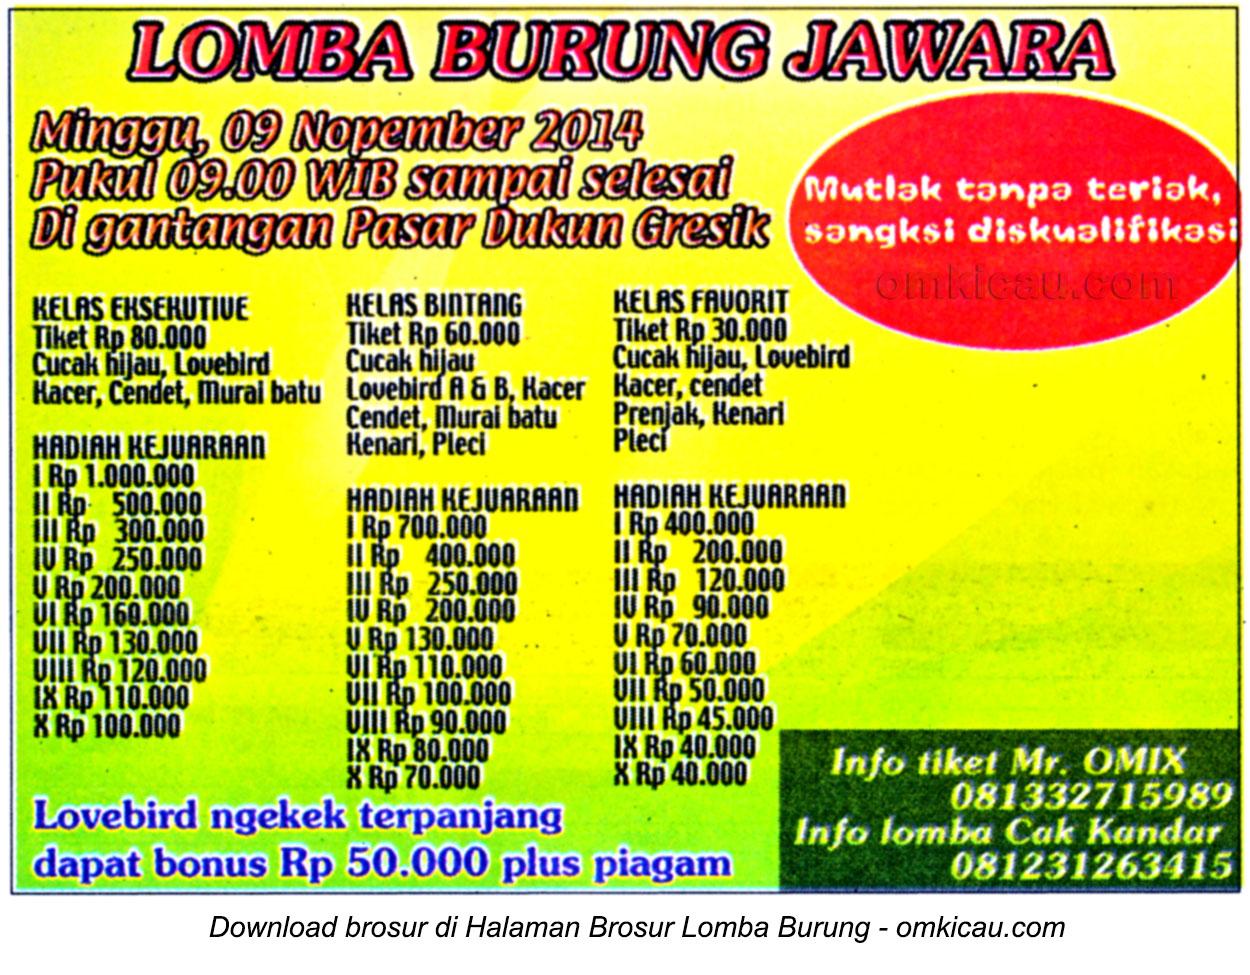 Brosur Lomba Burung Jawara, Gresik, 9 November 2014